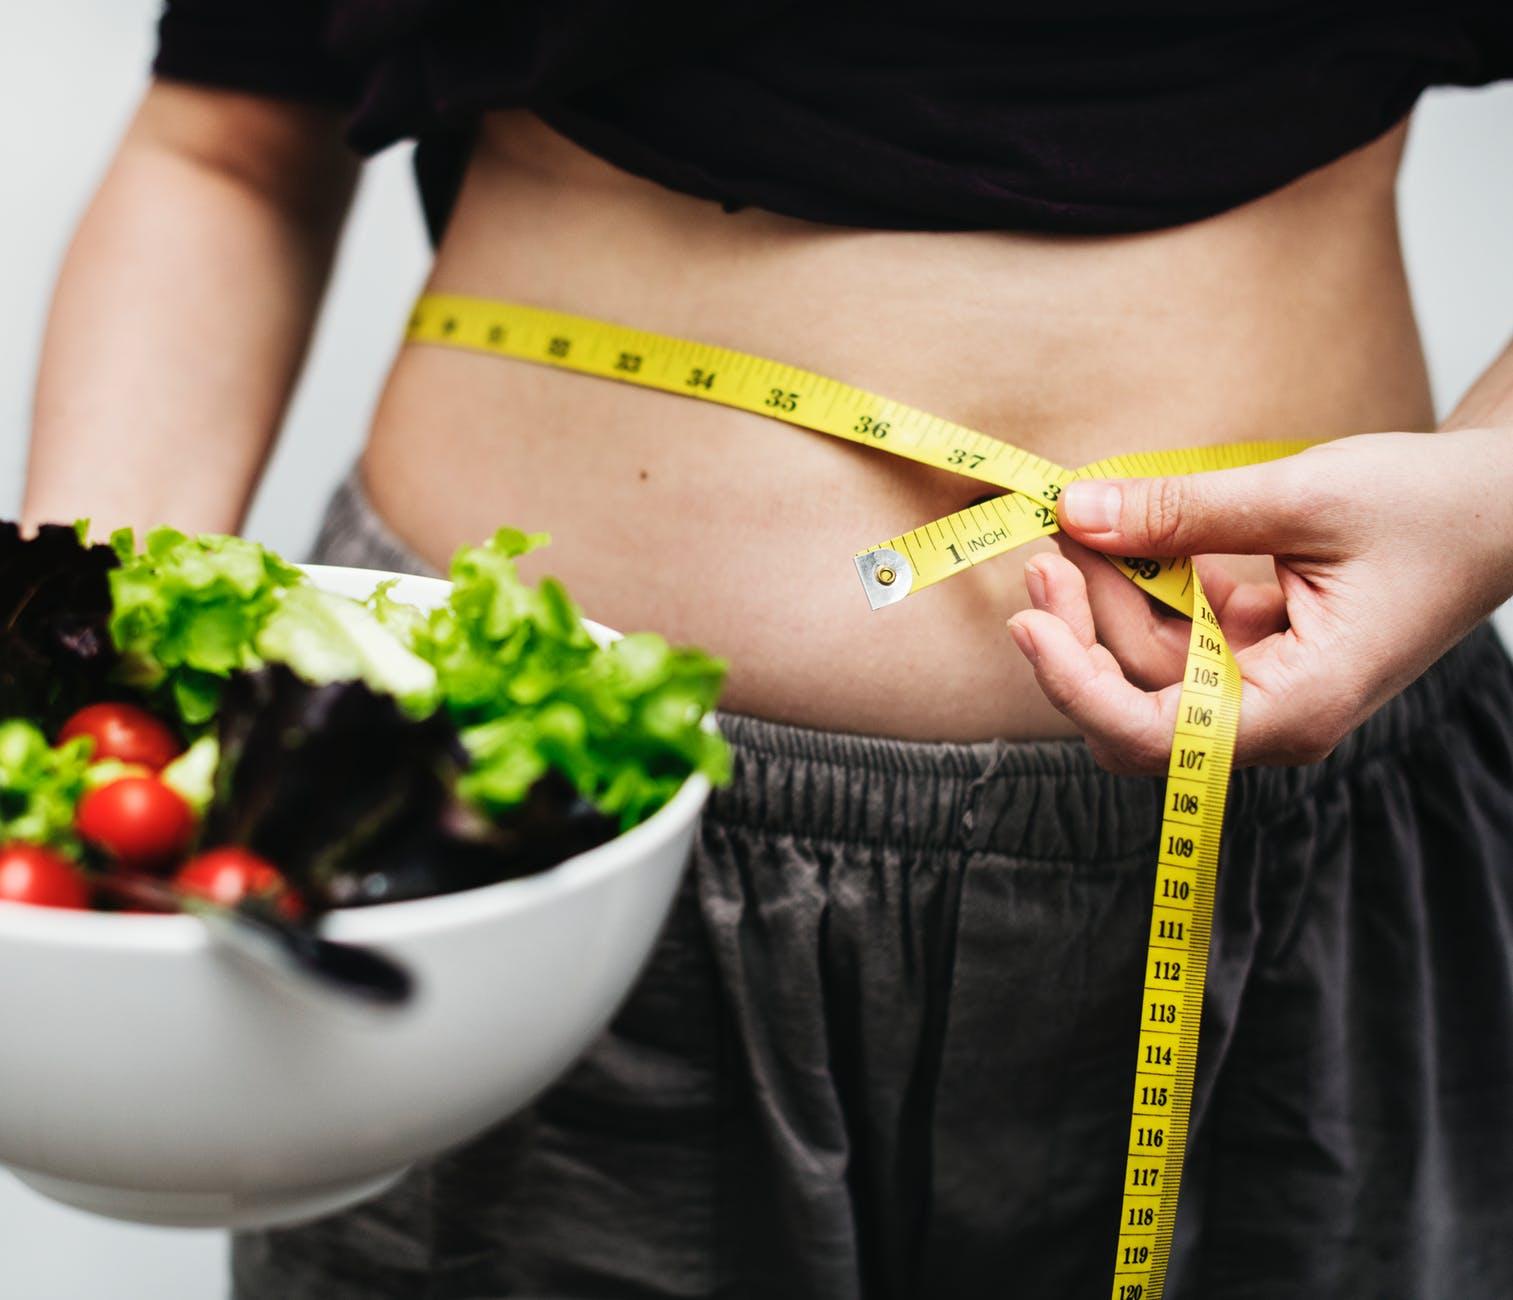 bad habit weight loss